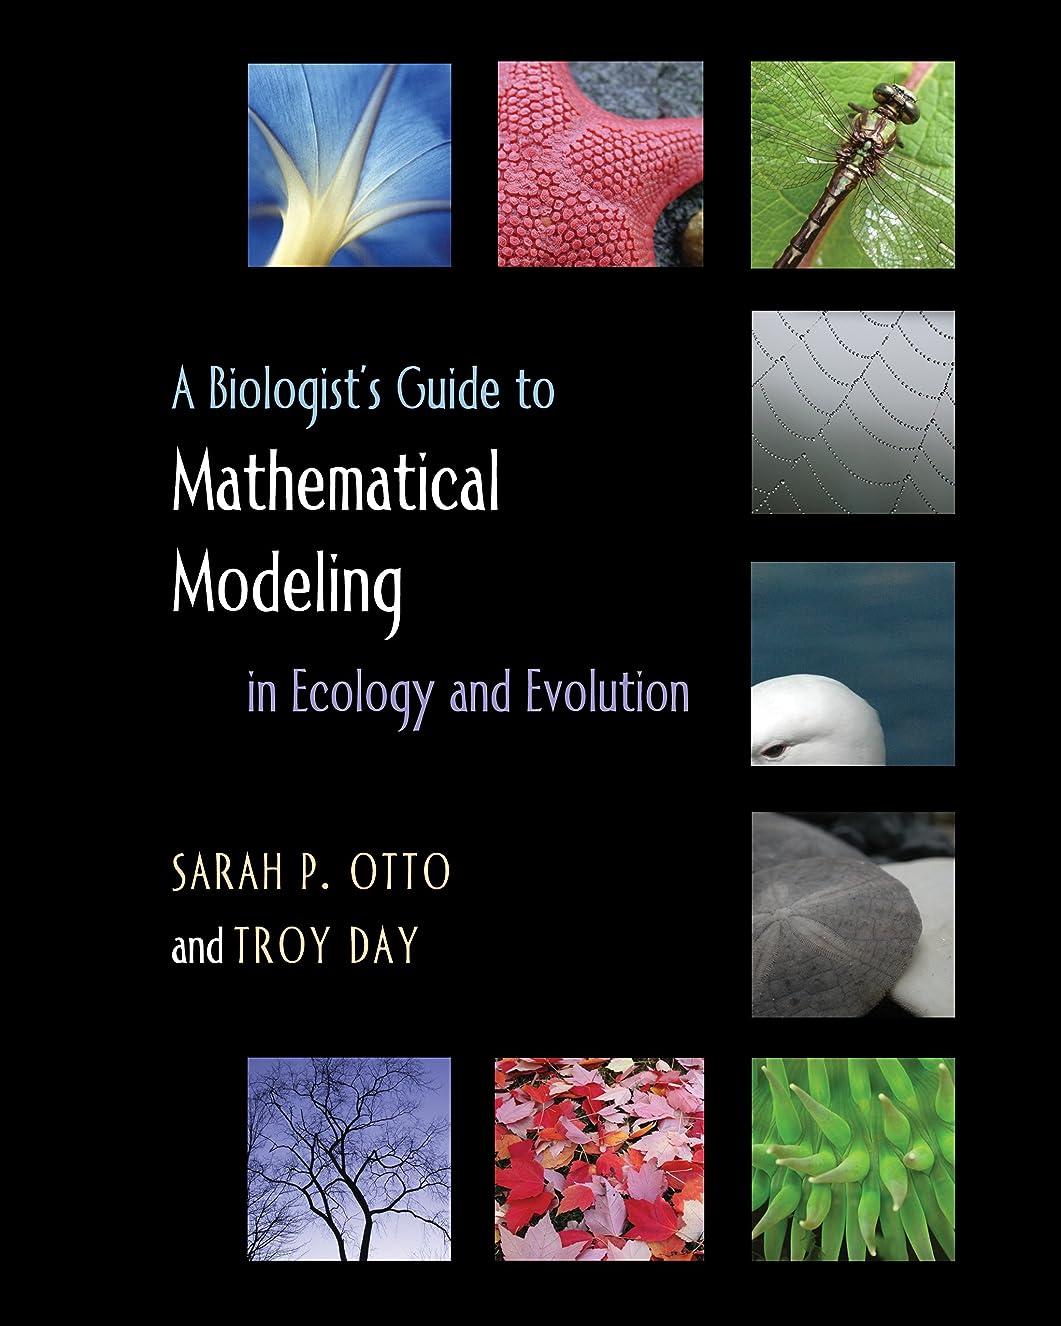 交通渋滞鷲尽きるA Biologist's Guide to Mathematical Modeling in Ecology and Evolution (English Edition)